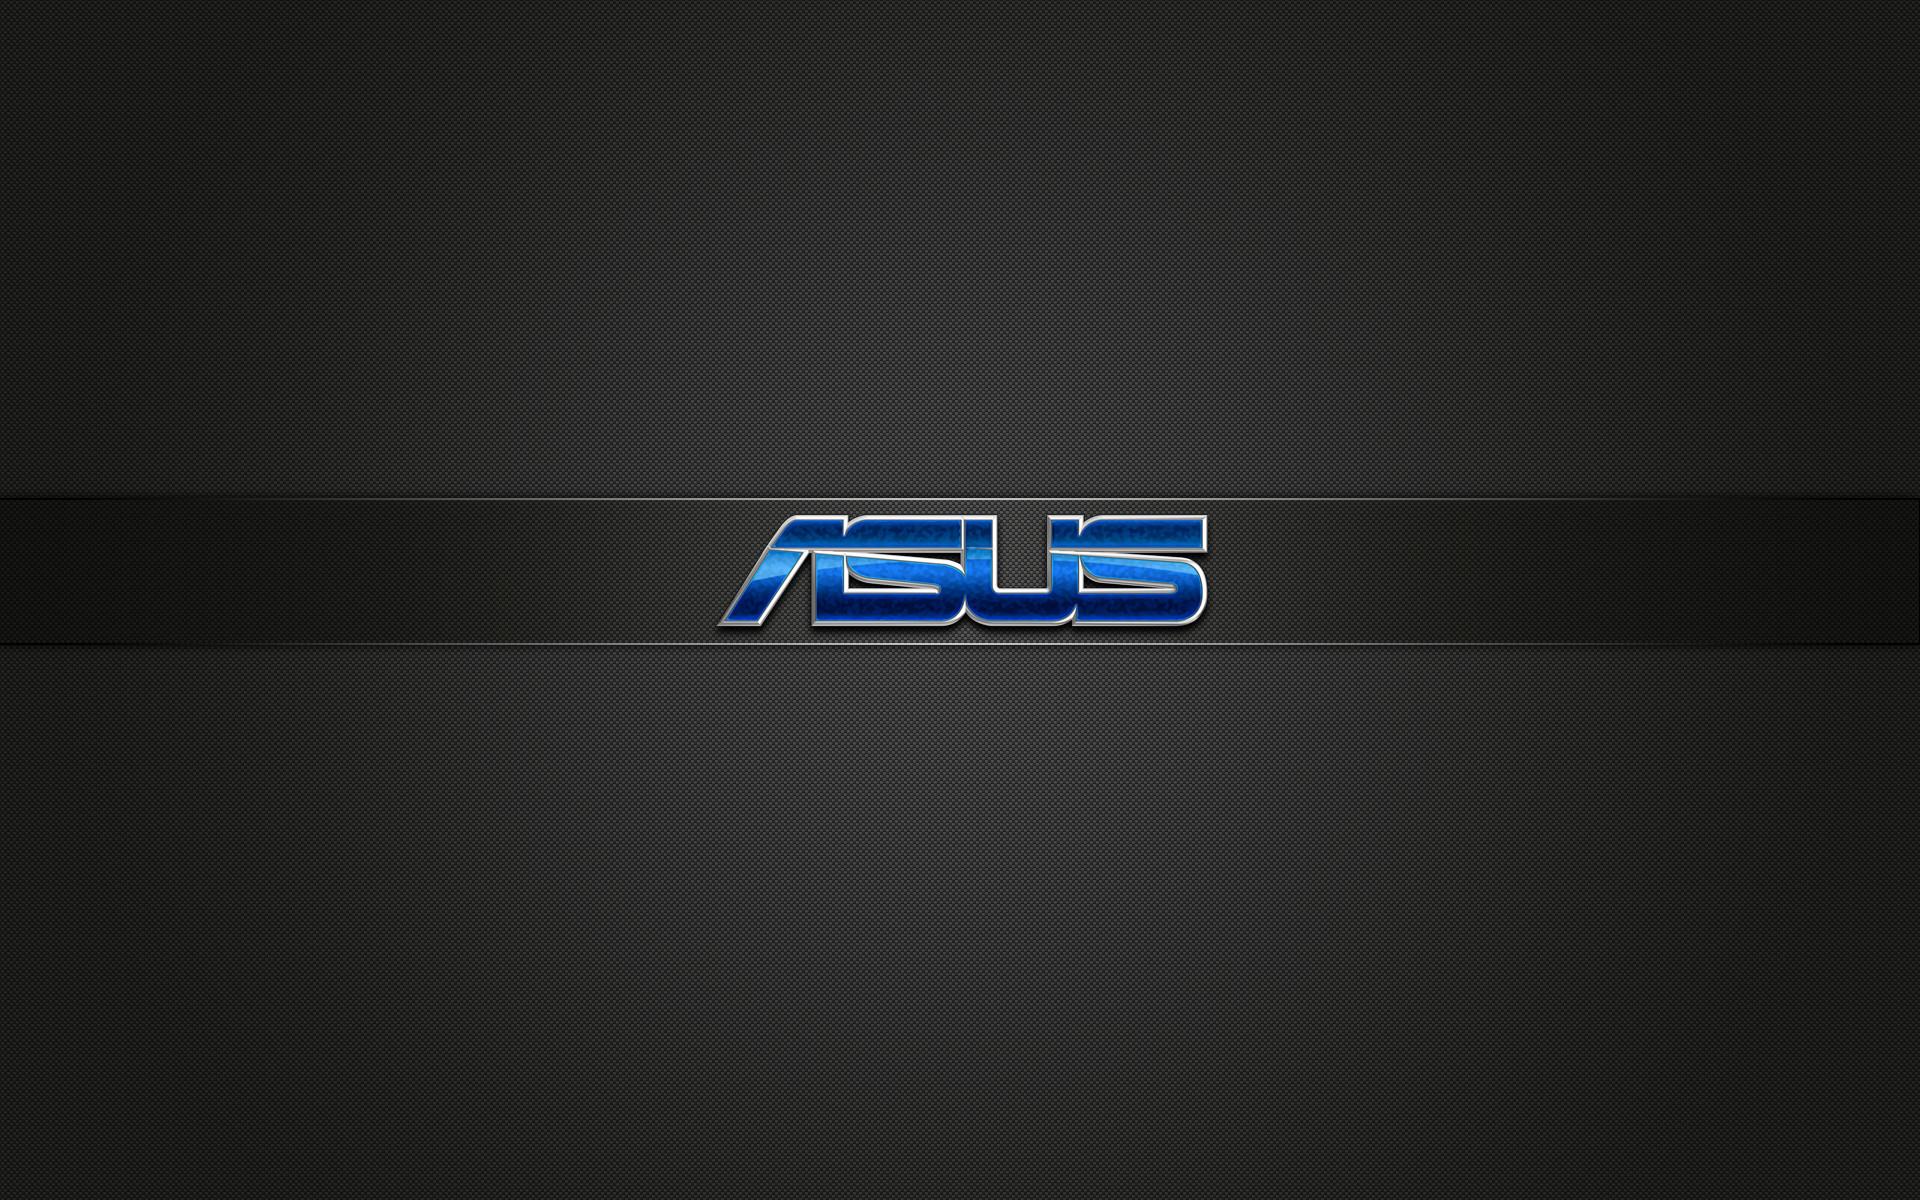 Asus Wallpapers Widescreen: Asus Wallpaper Full HD (86+ Images